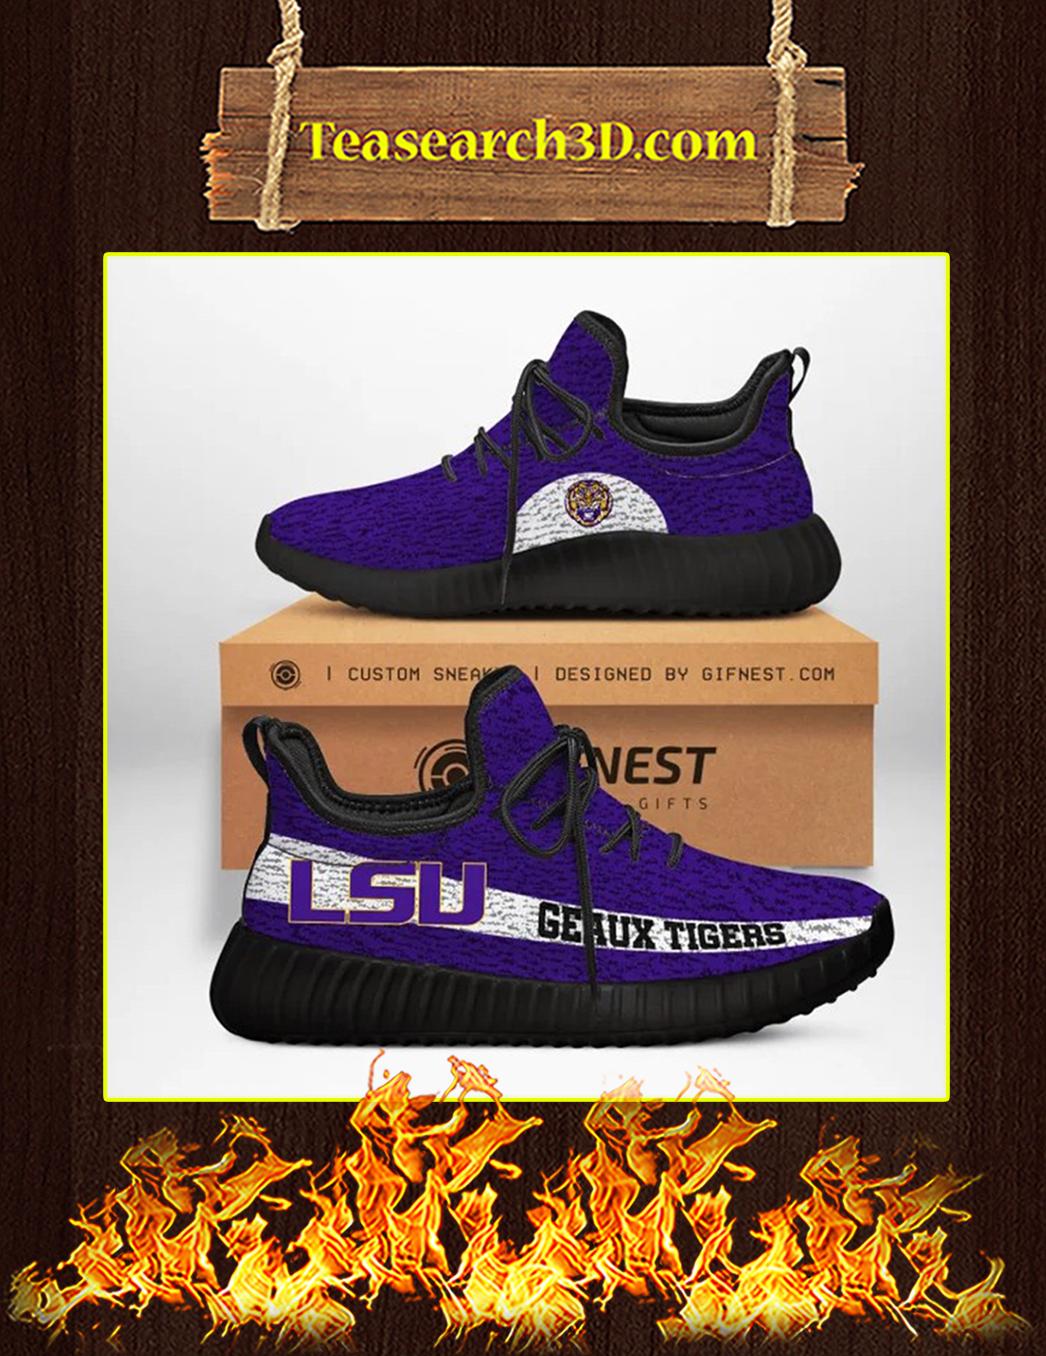 LSU Geaux Tigers Yeezy Sneaker pic 2